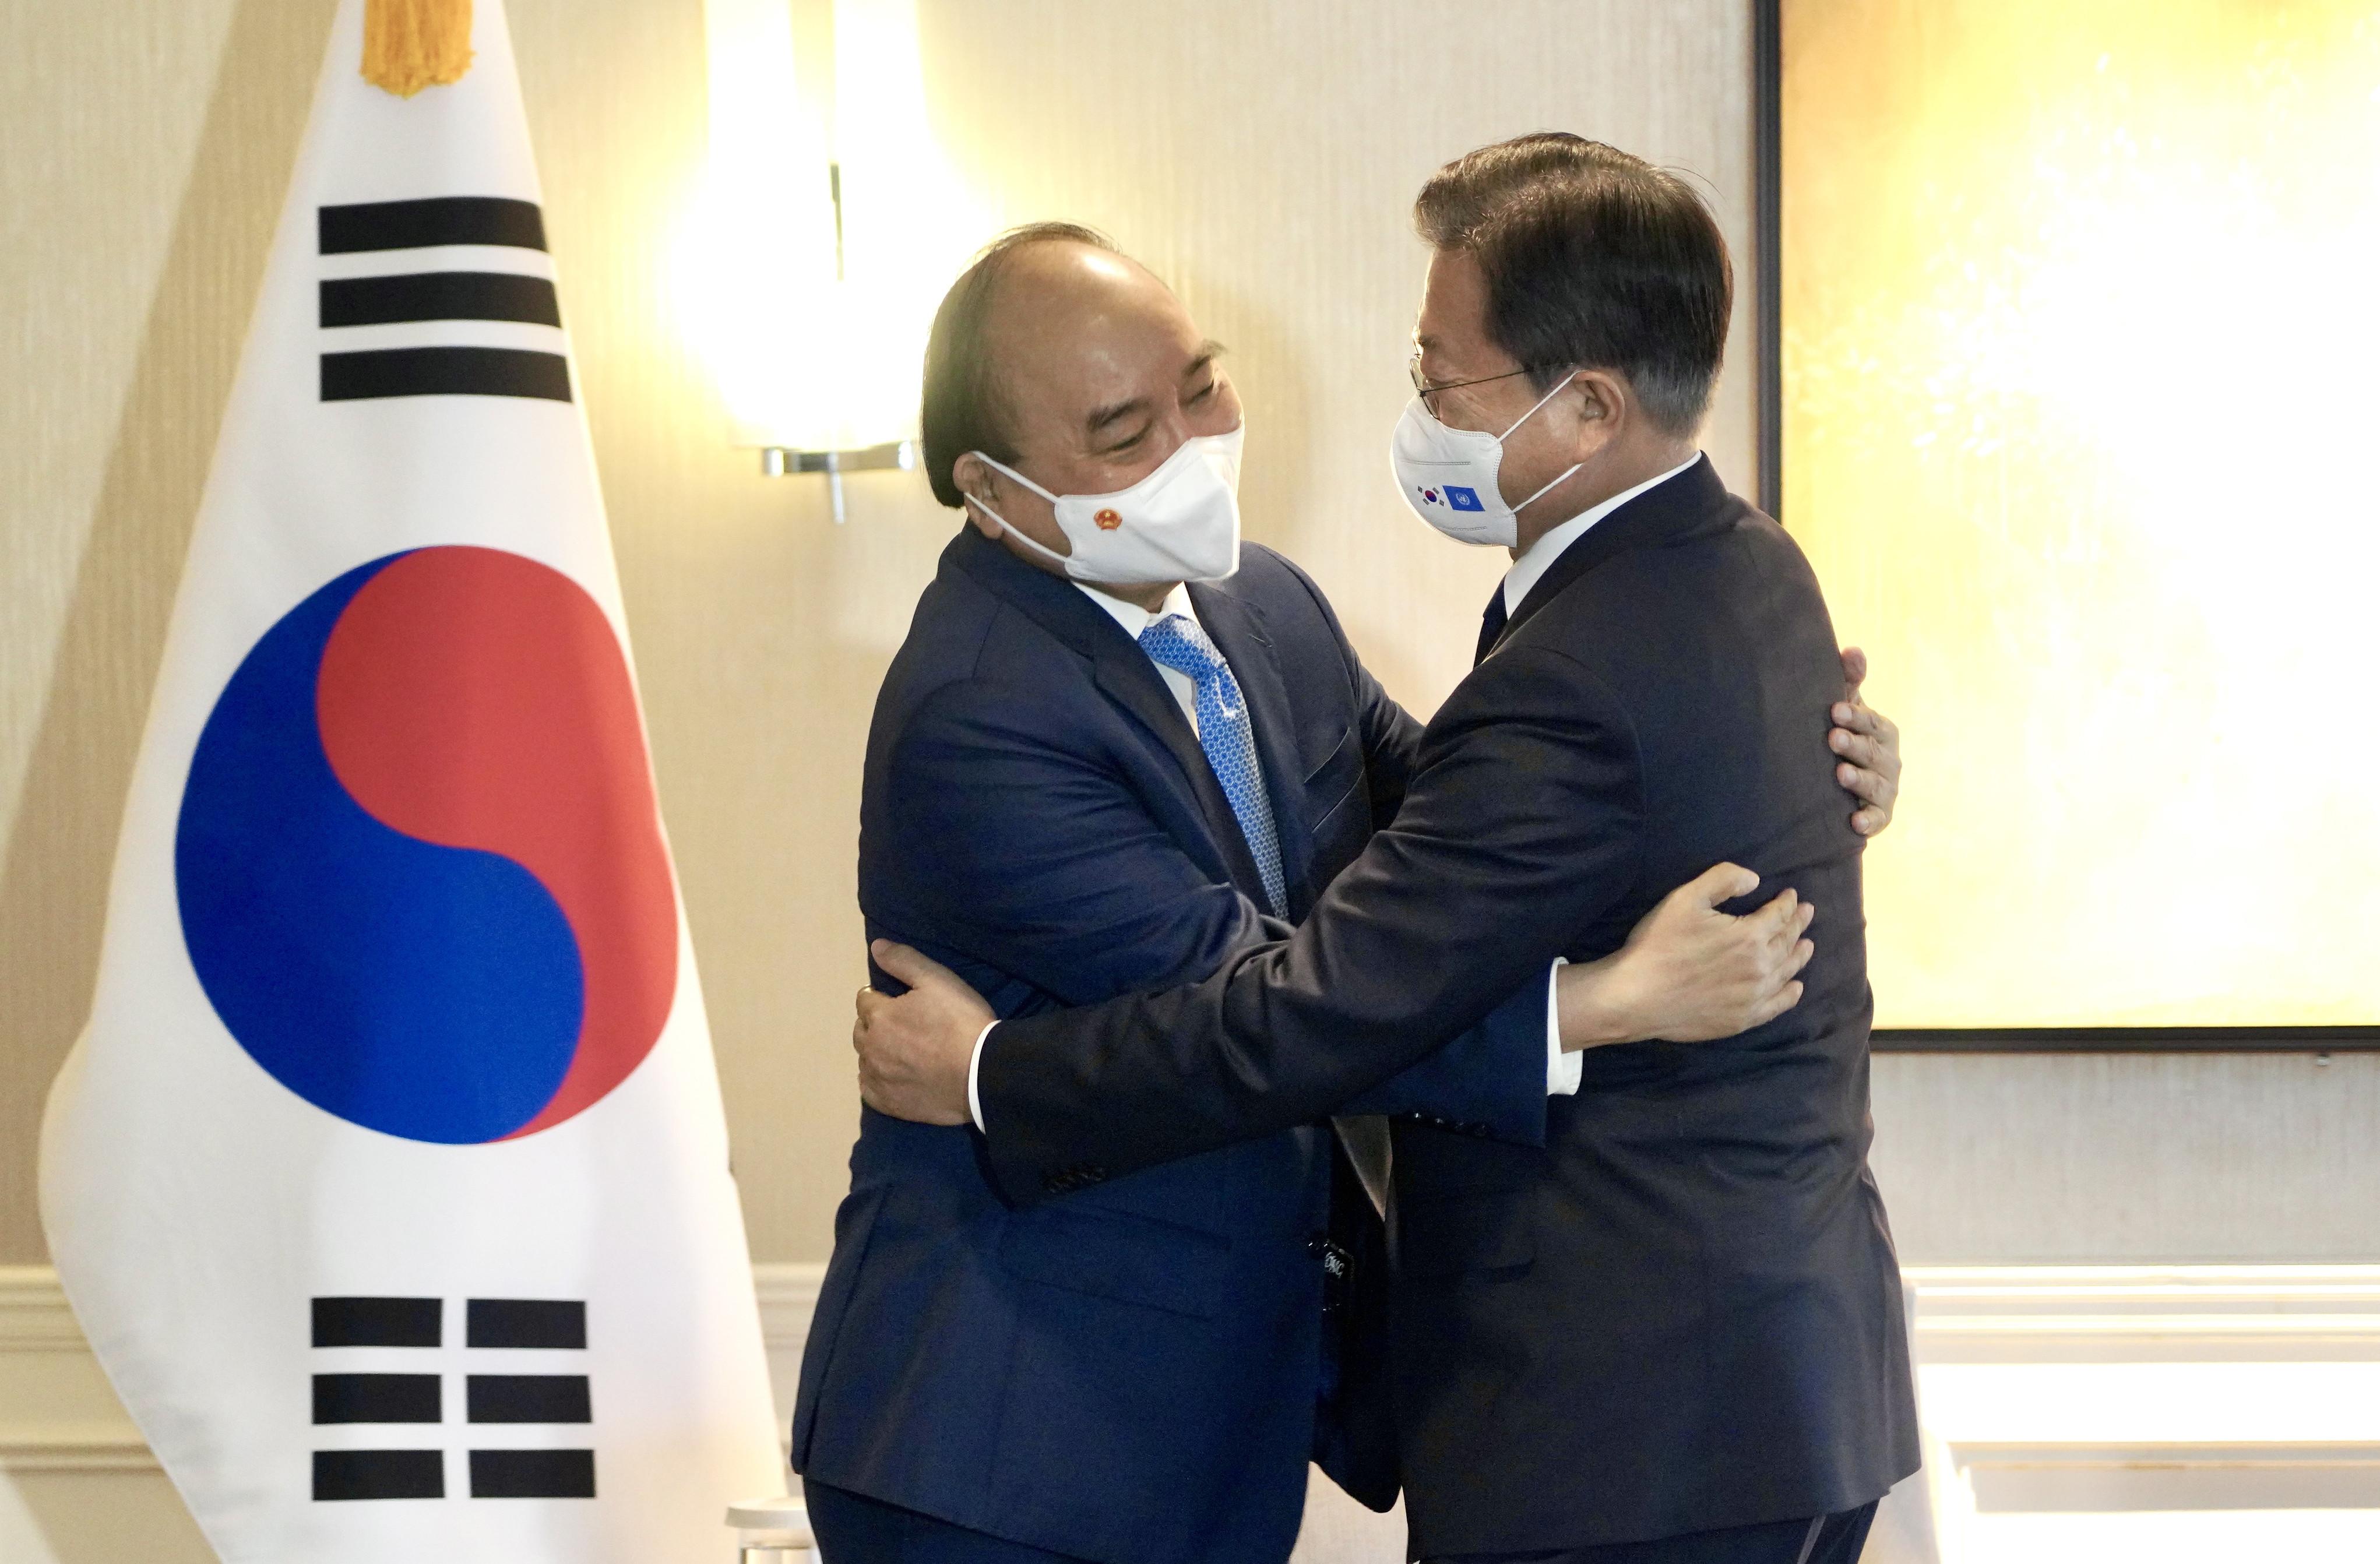 ▲▼南韓總統文在寅21日在紐約某飯店與越南國家主席阮春福舉行雙邊會談。(圖/達志影像)